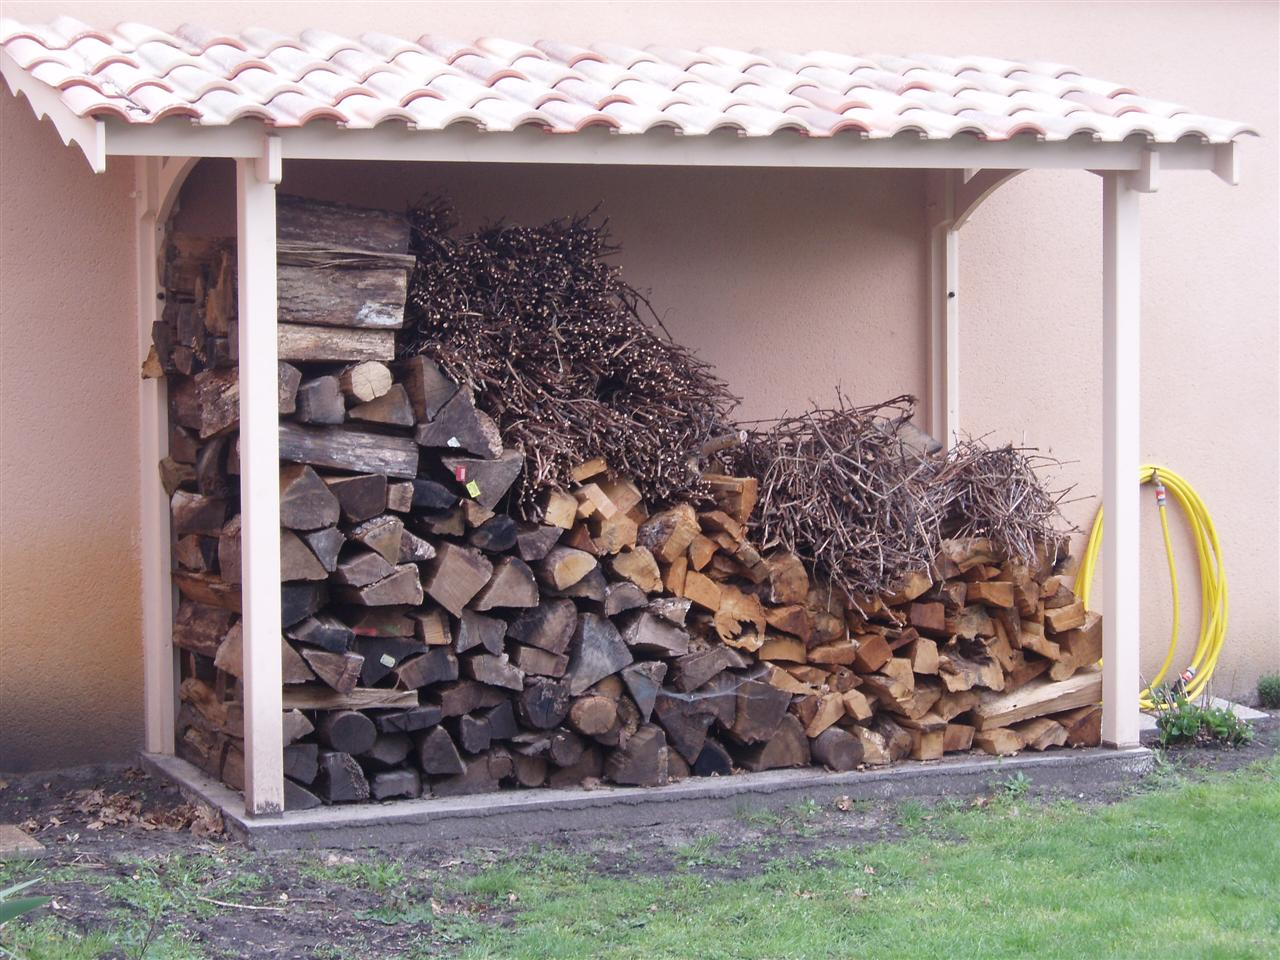 Comment Faire Un Abri Pour Le Bois quand et comment stocker son bois ?